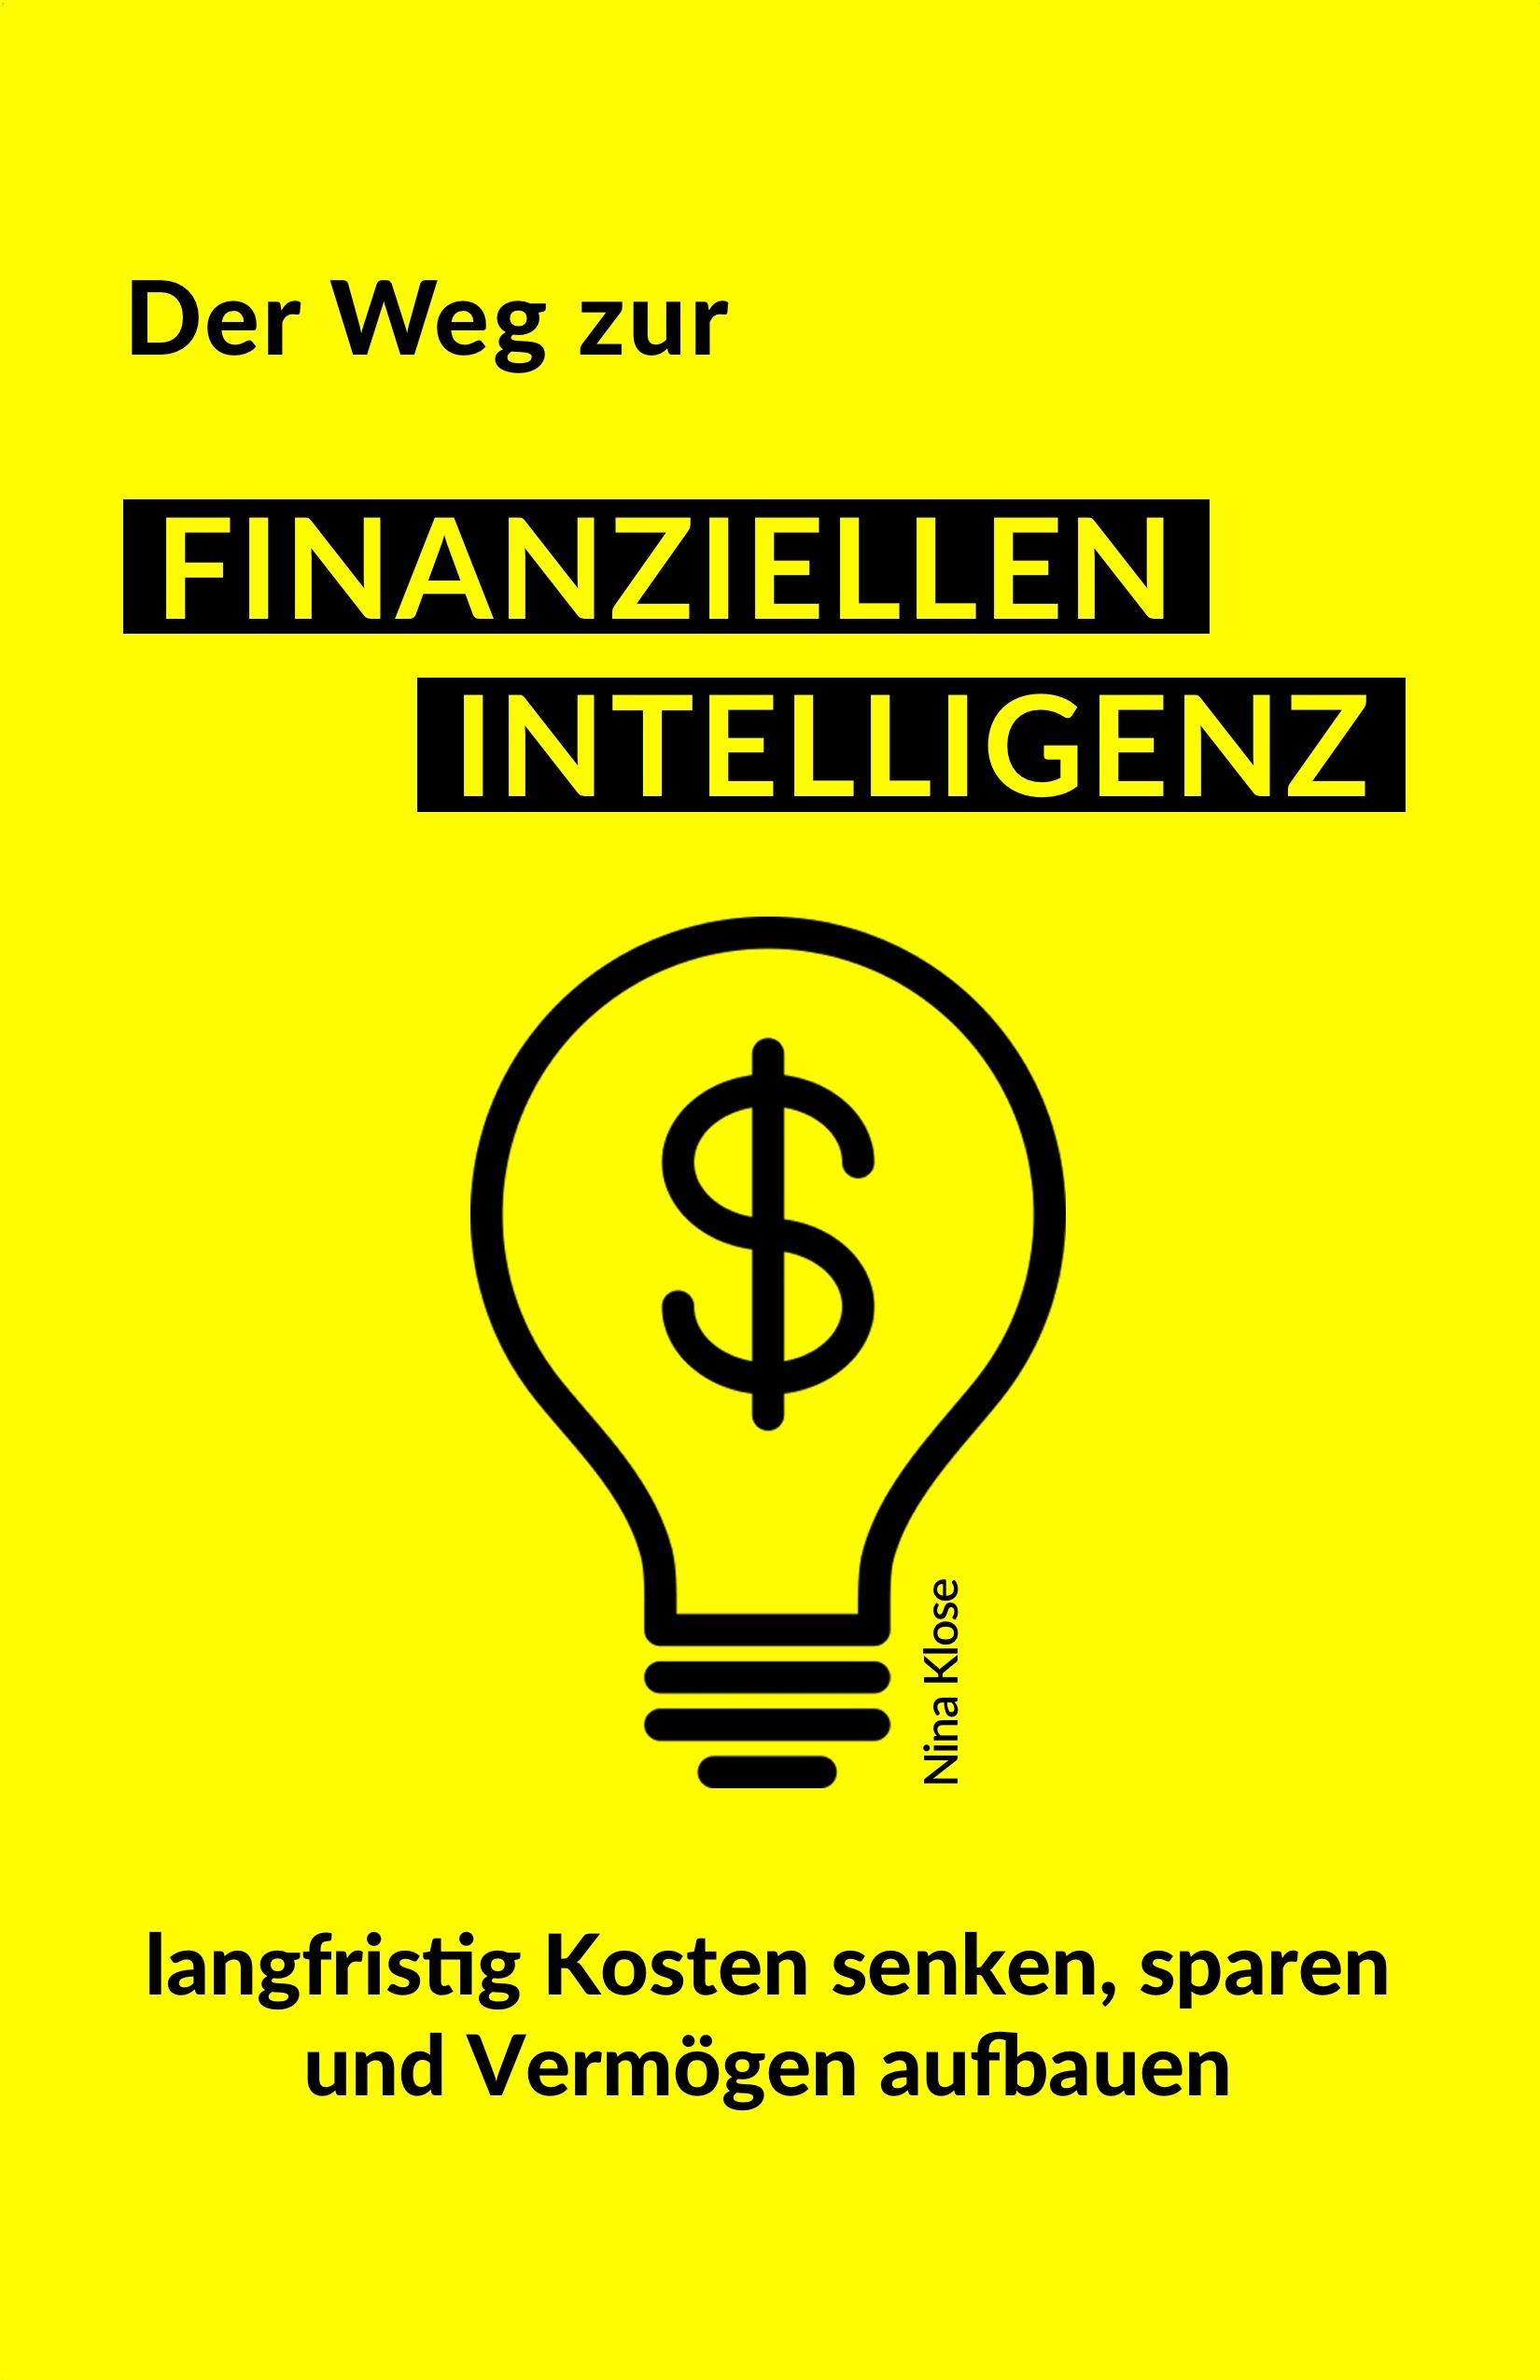 Der Weg zur finanziellen Intelligenz